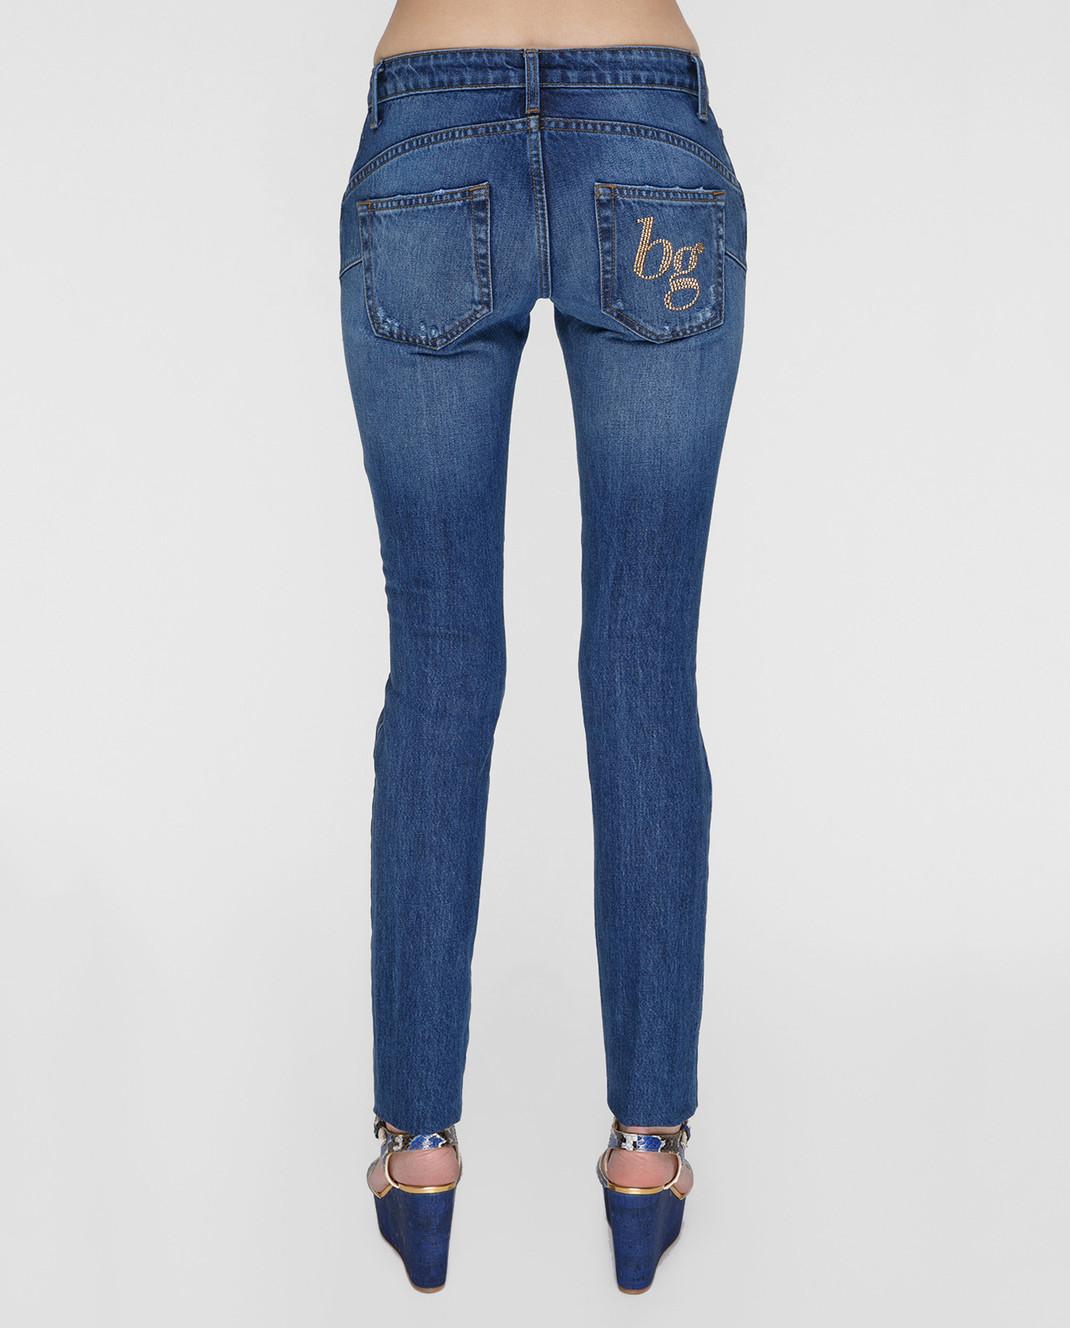 Blugirl Синие джинсы 3461 изображение 4